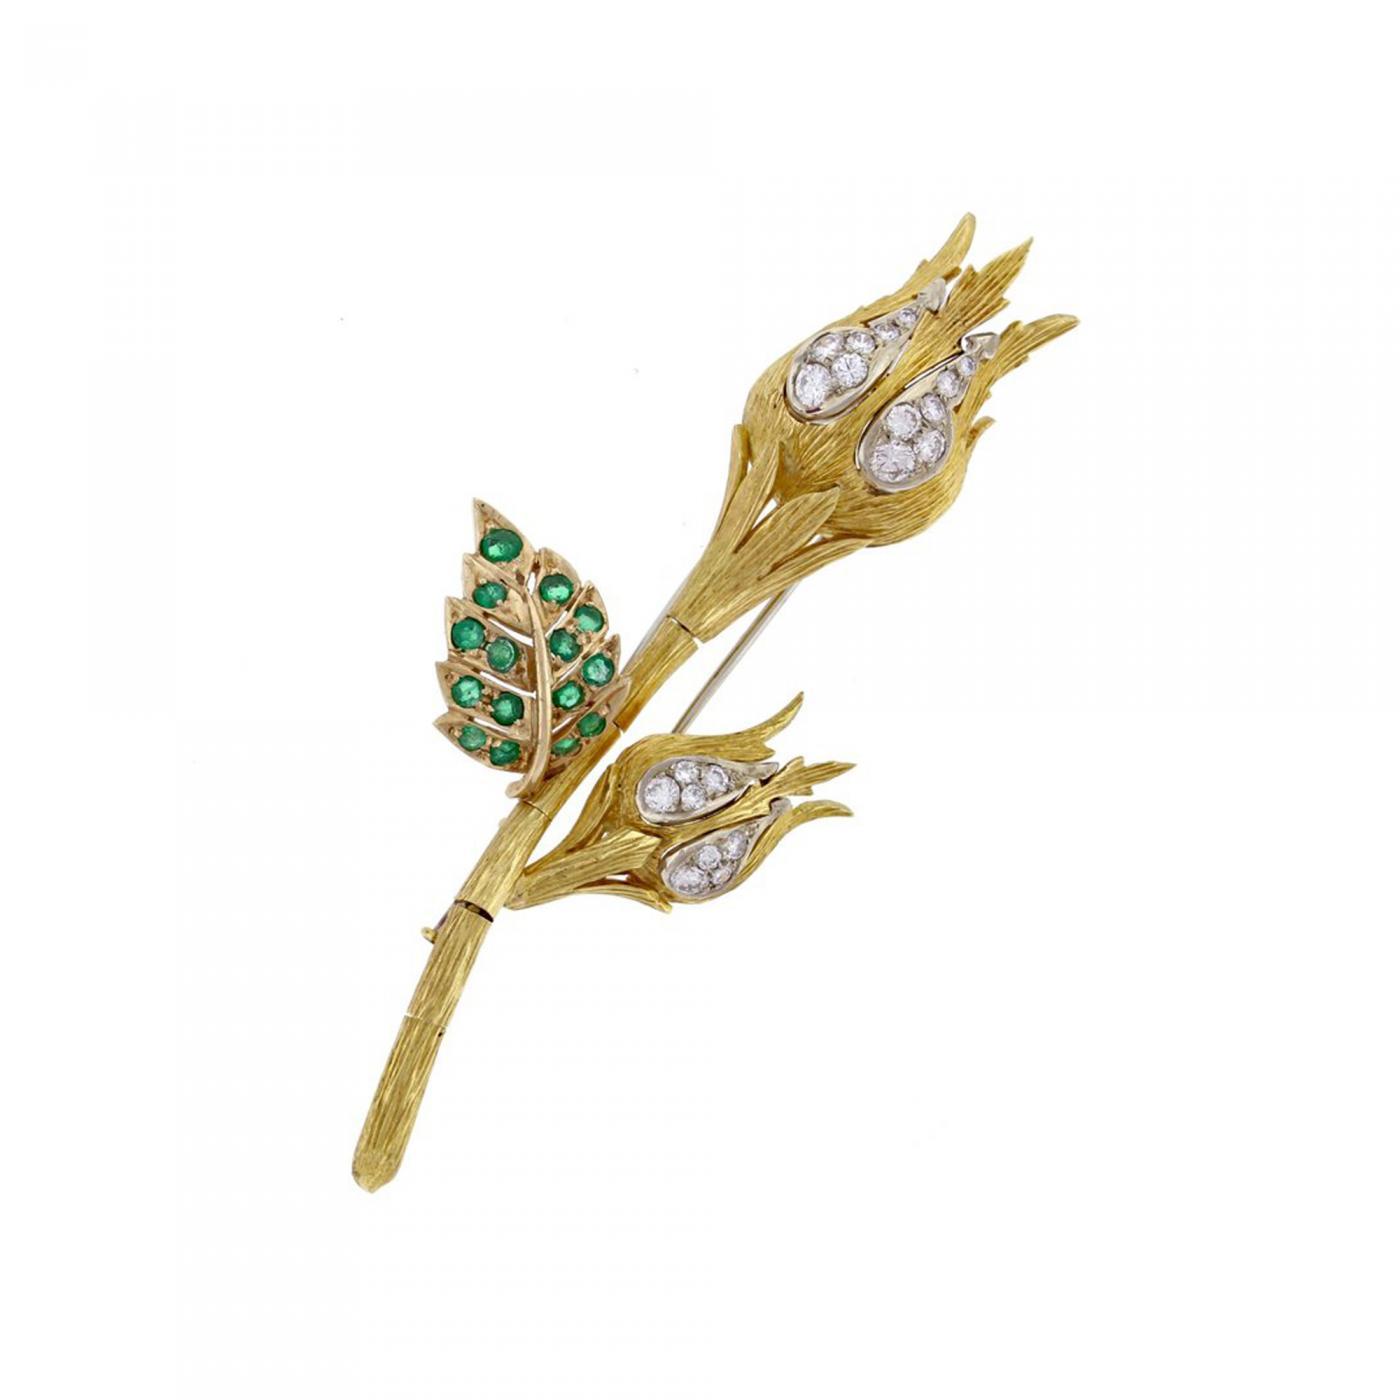 735d36cb0ec6e David Webb - David Webb Emerald and Diamond Flower Brooch